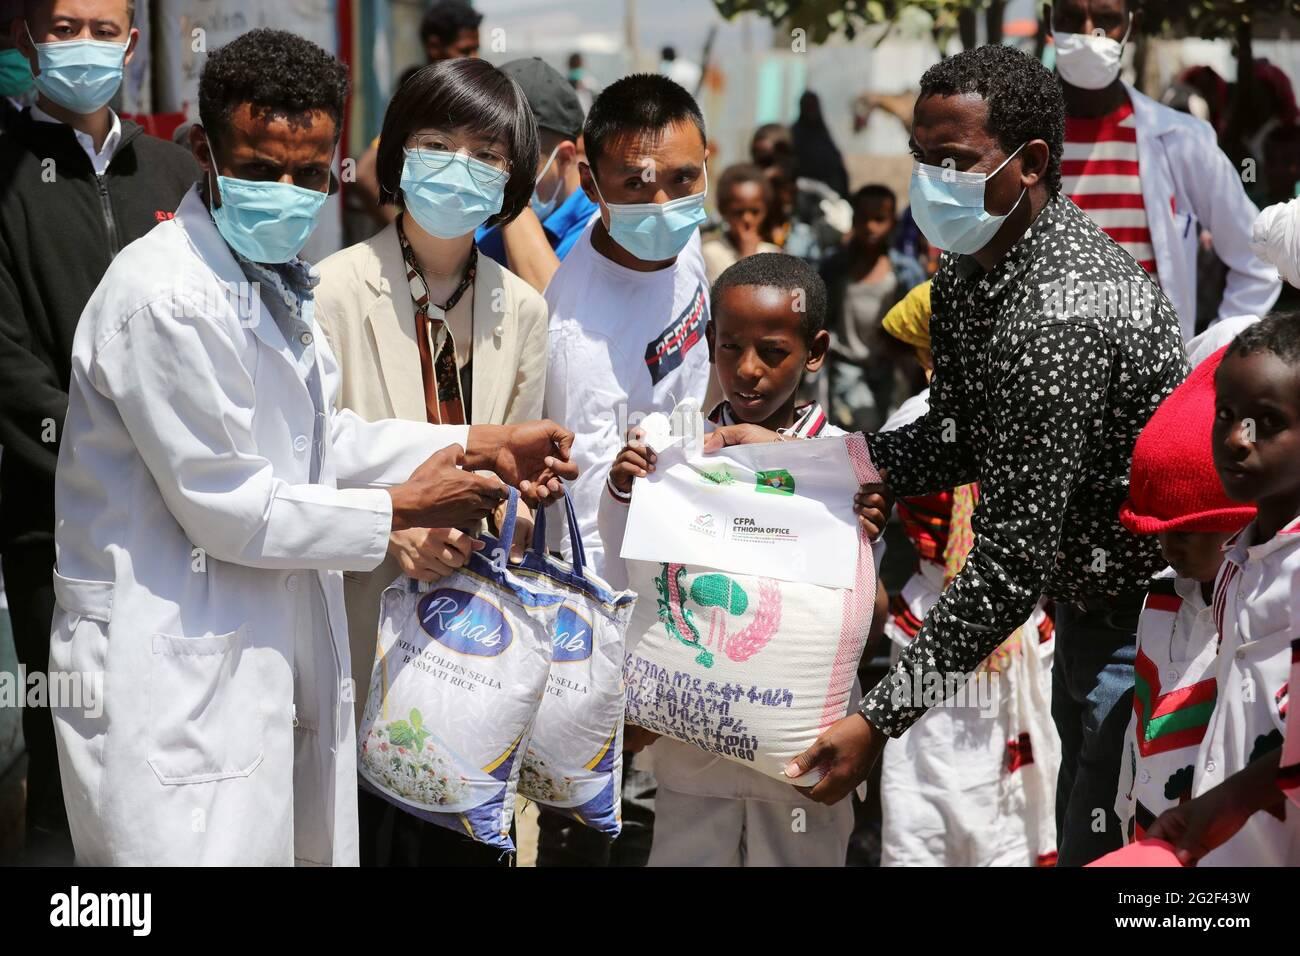 Dukem, Obaay Primary School in der Stadt Dukem im äthiopischen Bundesstaat Oromia. Juni 2021. Huang Xiaocen (2. L, Front), stellvertretender Direktor der Chinesischen Stiftung zur Armutsbekämpfung (CFPA) Äthiopien, verteilt am 9. Juni 2021 an der Obaay Primary School in Dukem, einem Dorf im äthiopischen Oromia-Regionalstaat. Die CFPA verteilte am Mittwoch Lebensmittelpakete an mehr als 400 Studenten der Obaay Primary School in der Stadt Dukem im äthiopischen Bundesstaat Oromia. Quelle: Wang Ping/Xinhua/Alamy Live News Stockfoto